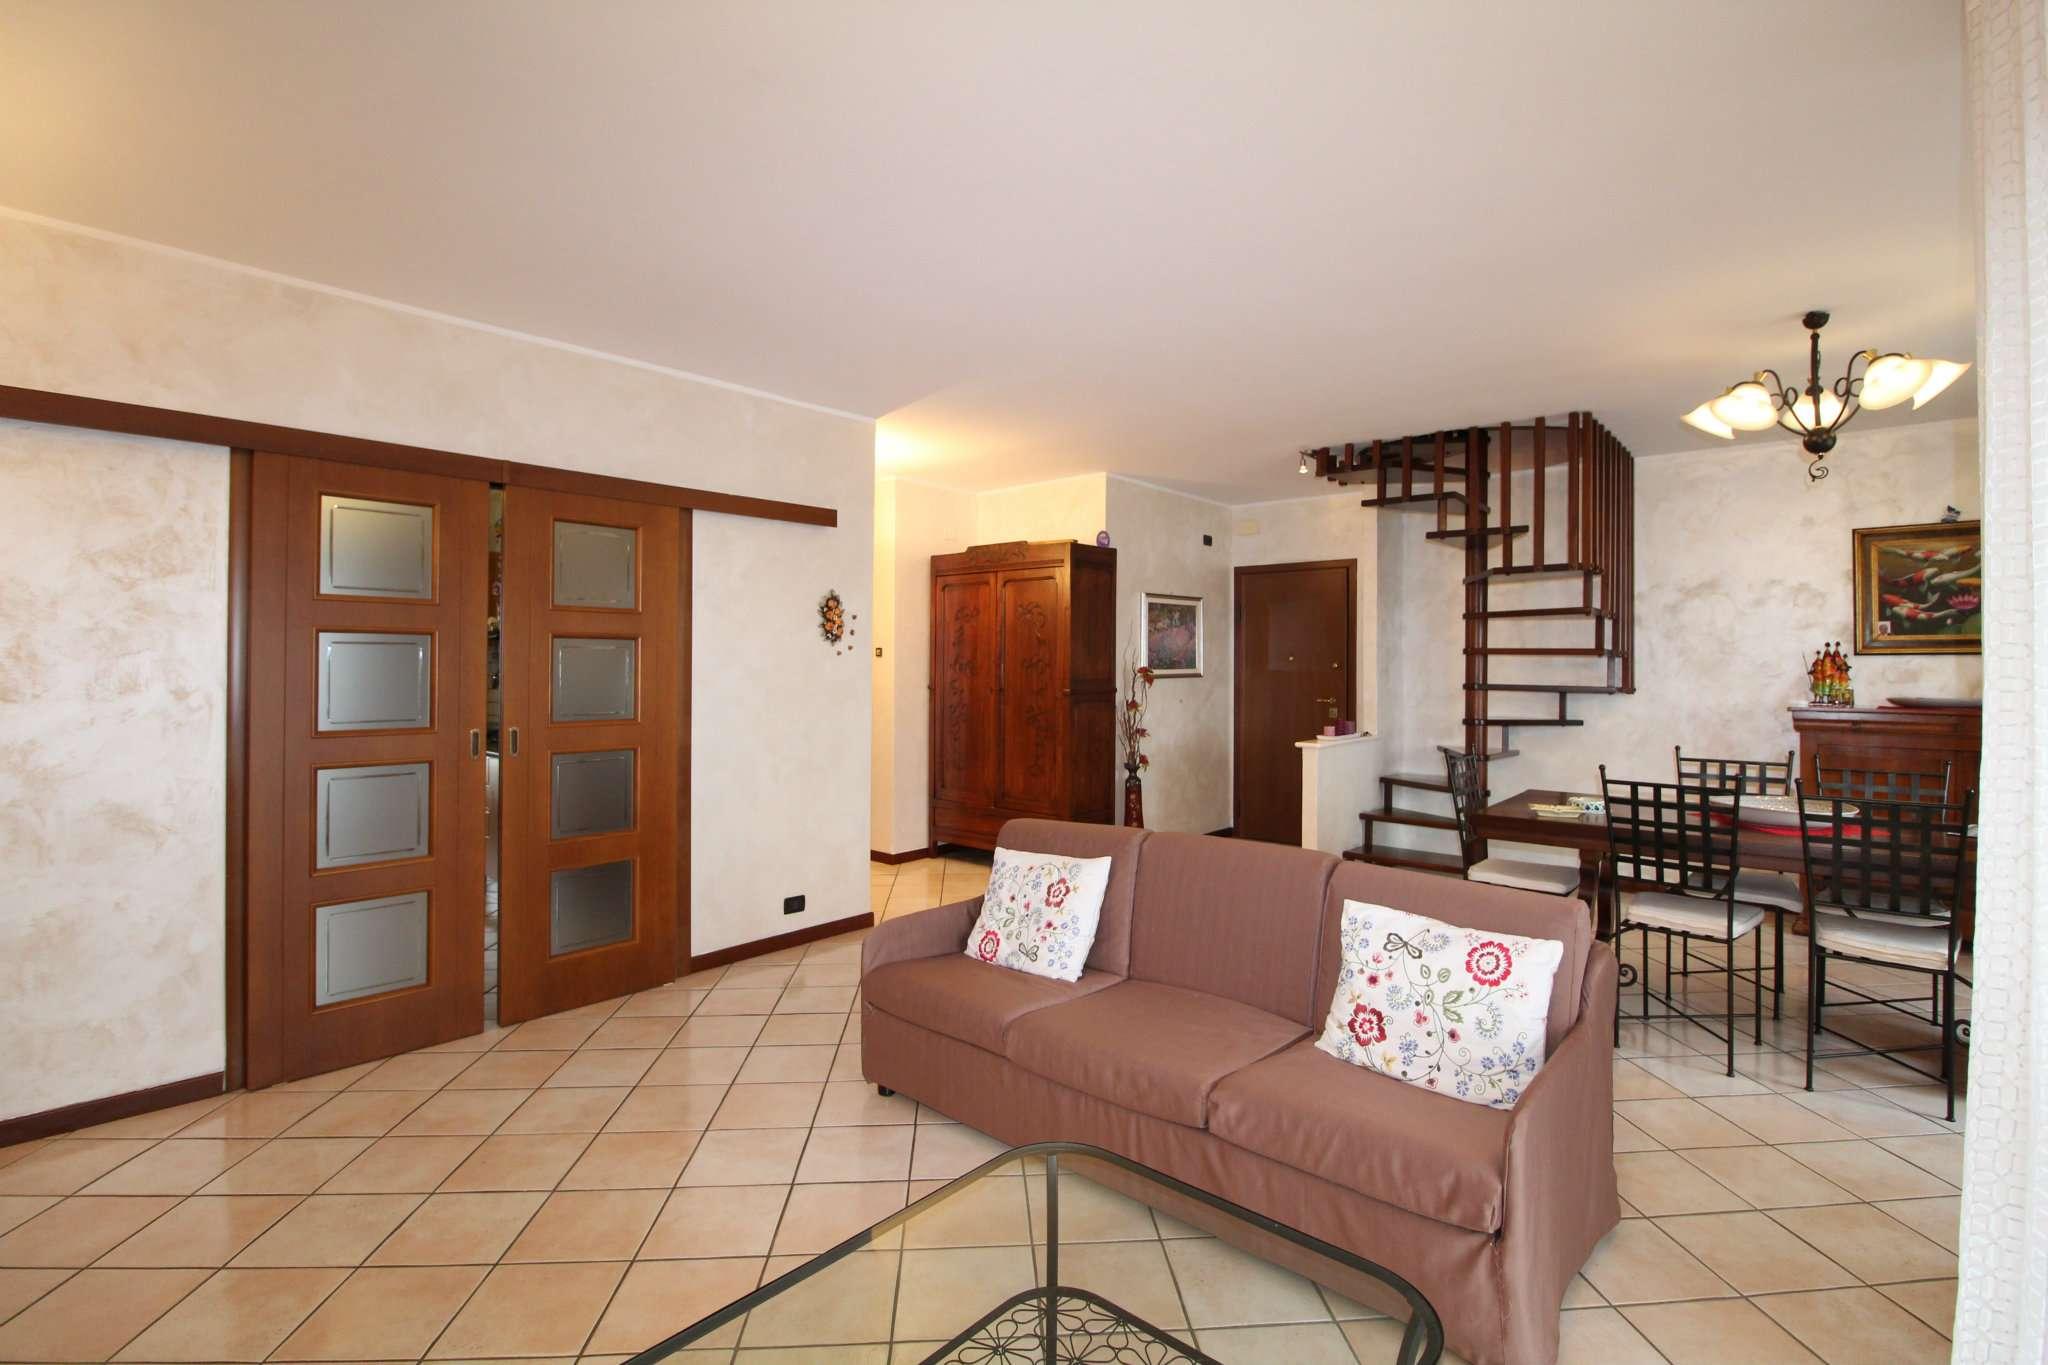 Appartamento in vendita a None, 6 locali, prezzo € 210.000 | CambioCasa.it